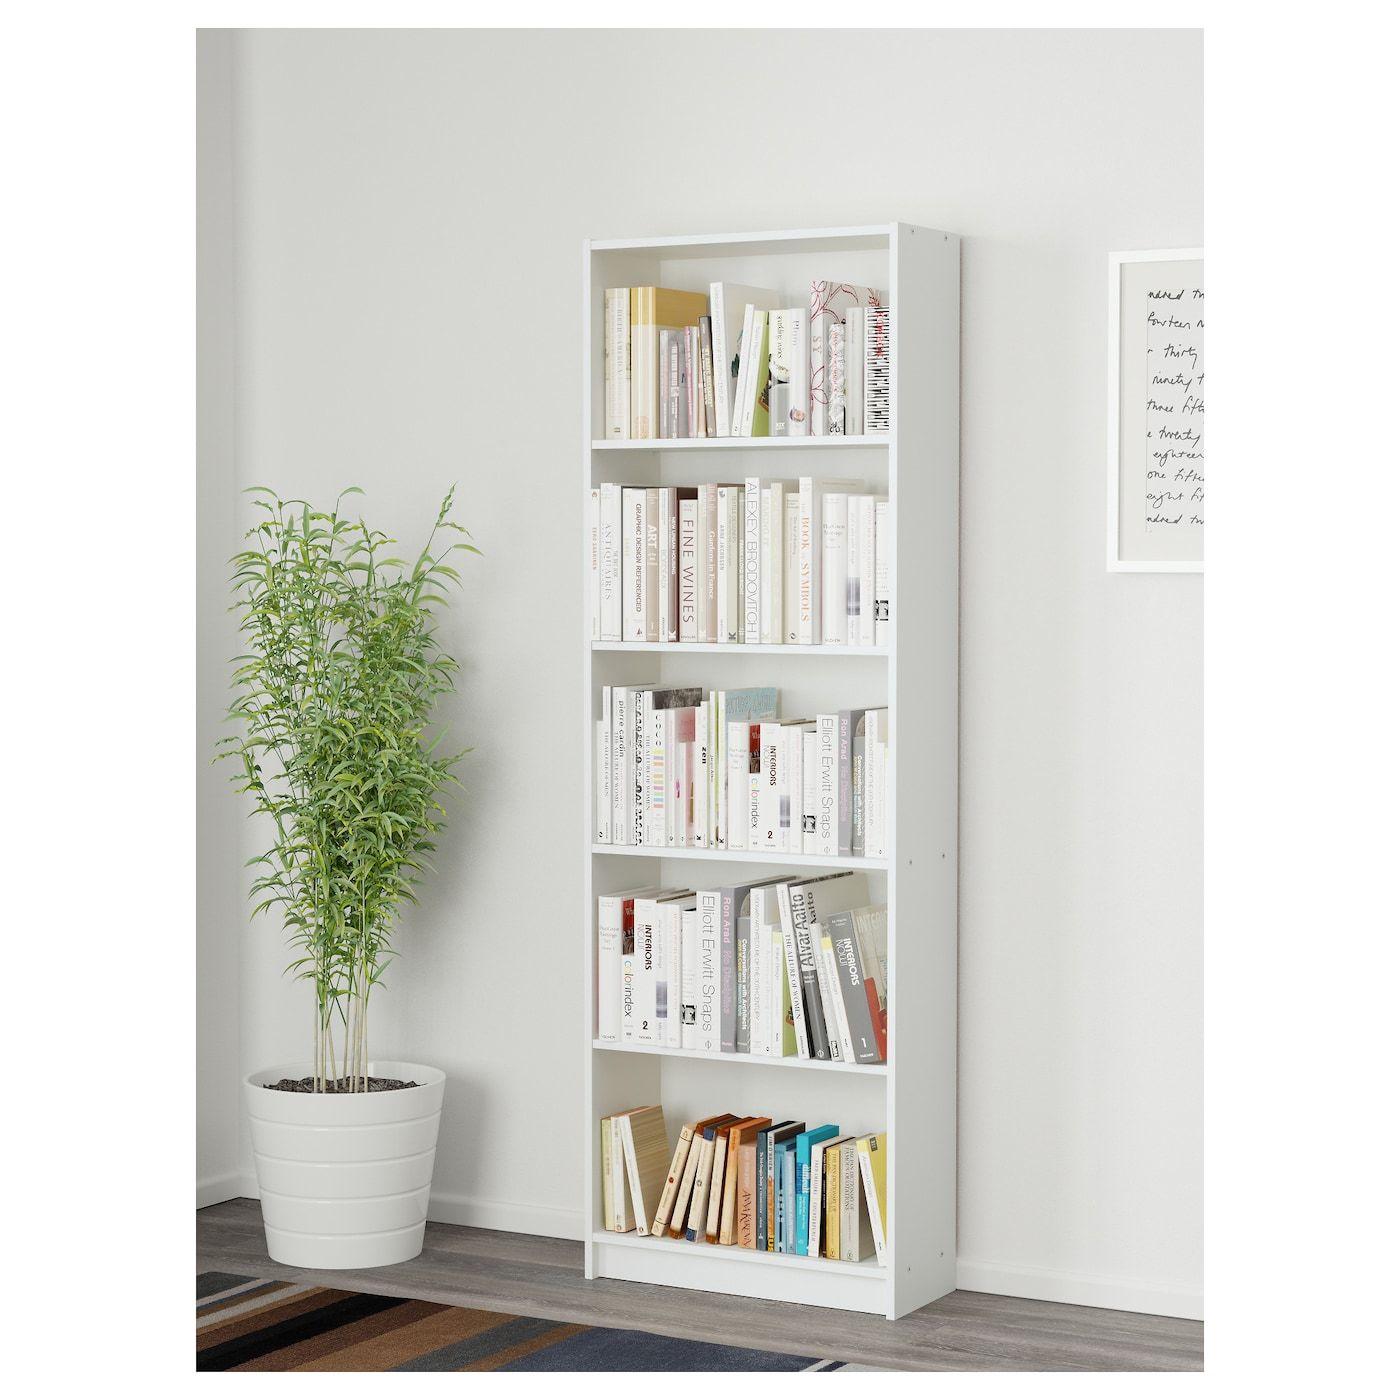 Gersby Bucherregal Weiss Ikea Deutschland White Bookcase Ikea Hemnes Bookcase Hemnes Bookcase